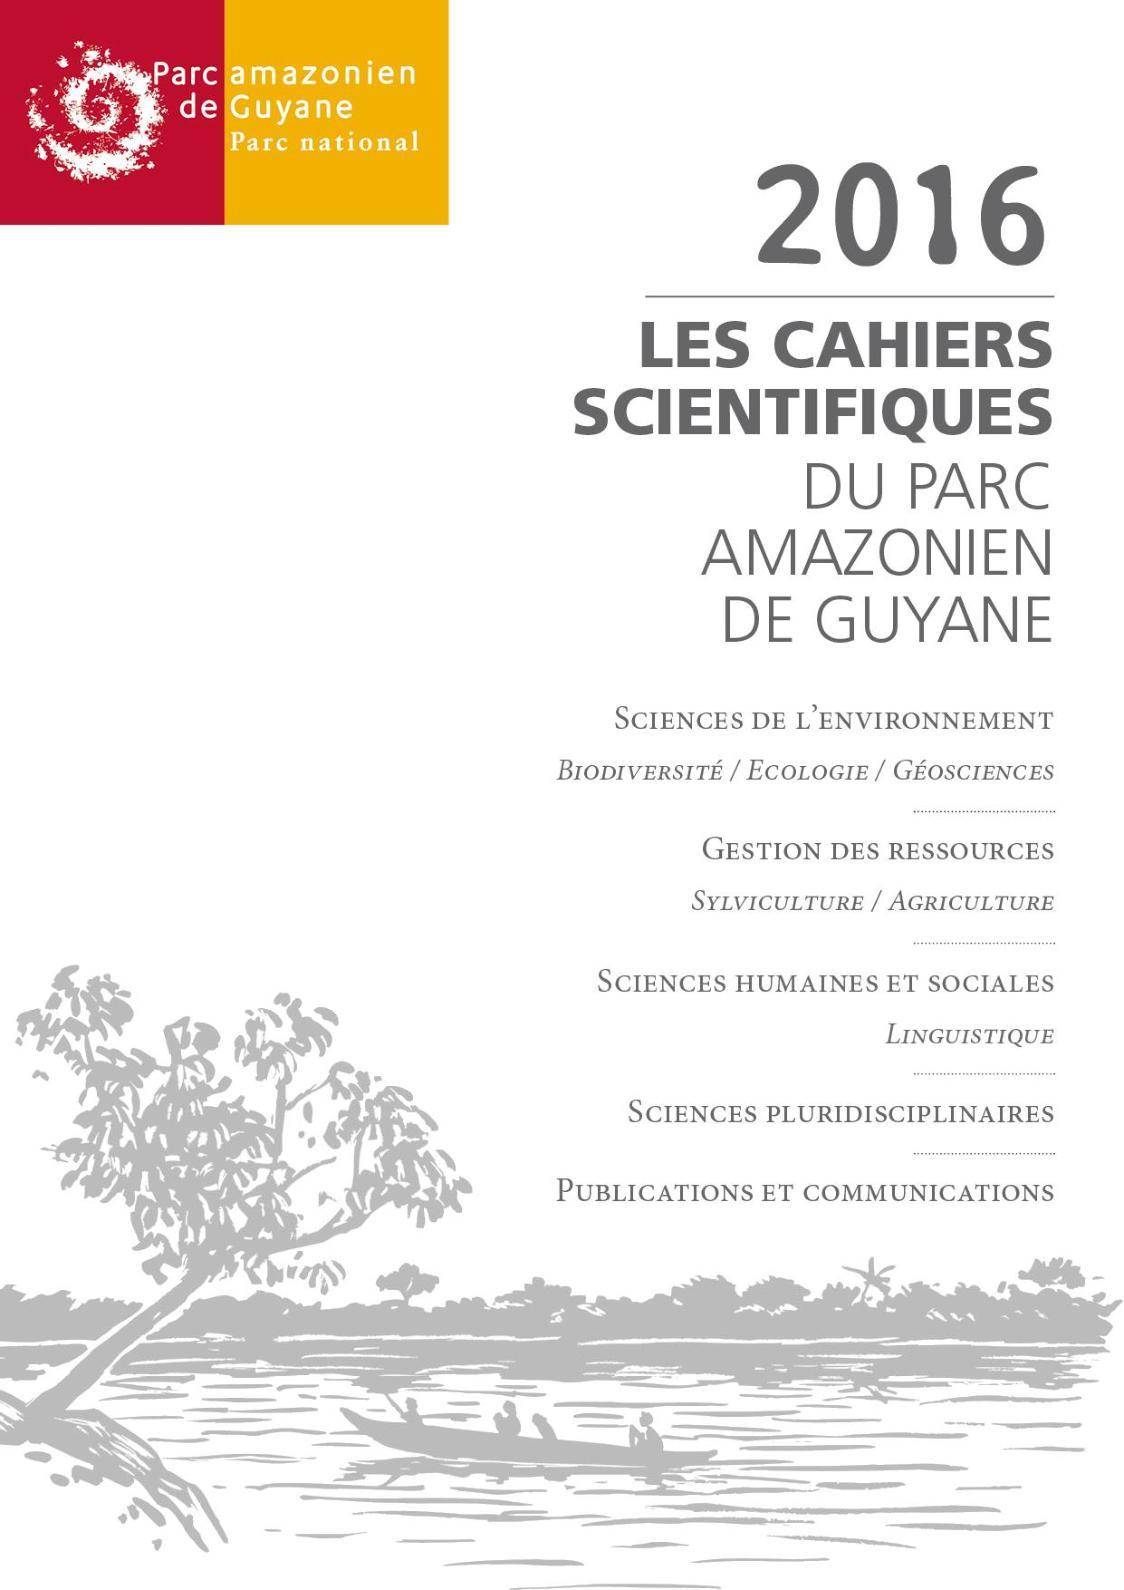 Créer Un Jardin Exotique sous Nos Climats Luxe Calaméo Cahier Scientifique 3 Parc Amazonien De Guyane Of 45 Best Of Créer Un Jardin Exotique sous Nos Climats